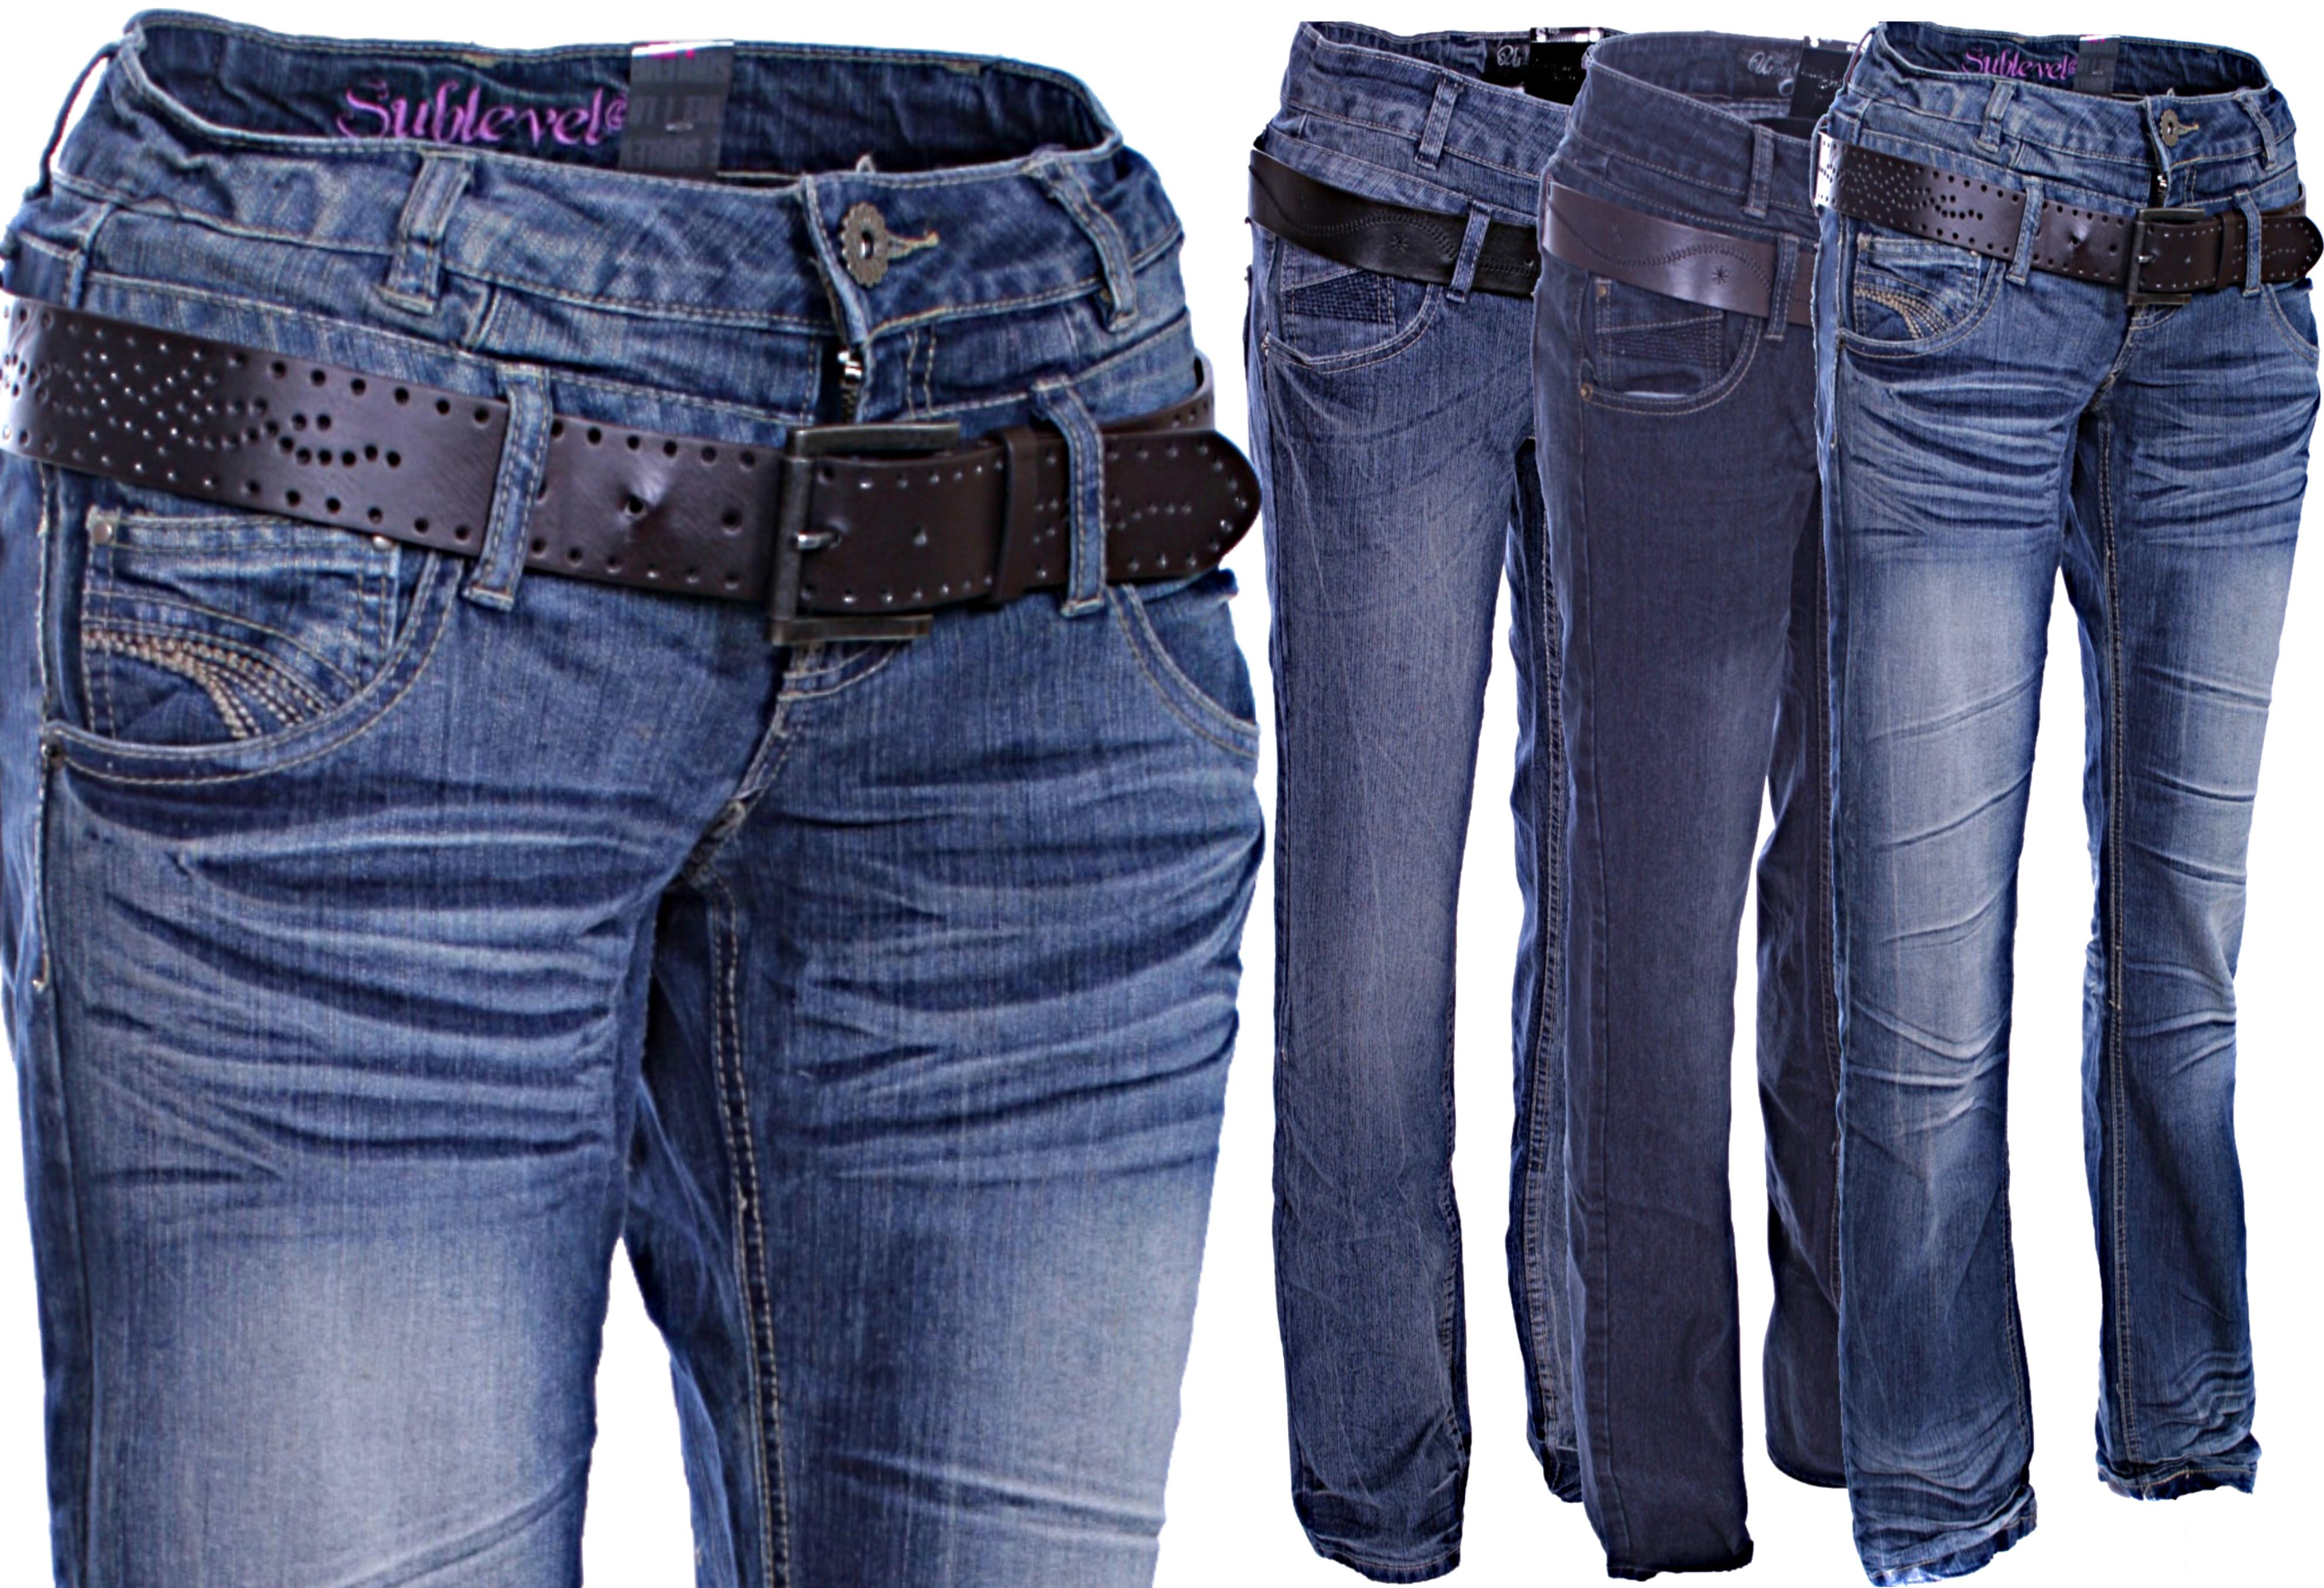 urban surface damen jeans hose stretch boysfit doppelbund mit g rtel xs s m l xl ebay. Black Bedroom Furniture Sets. Home Design Ideas